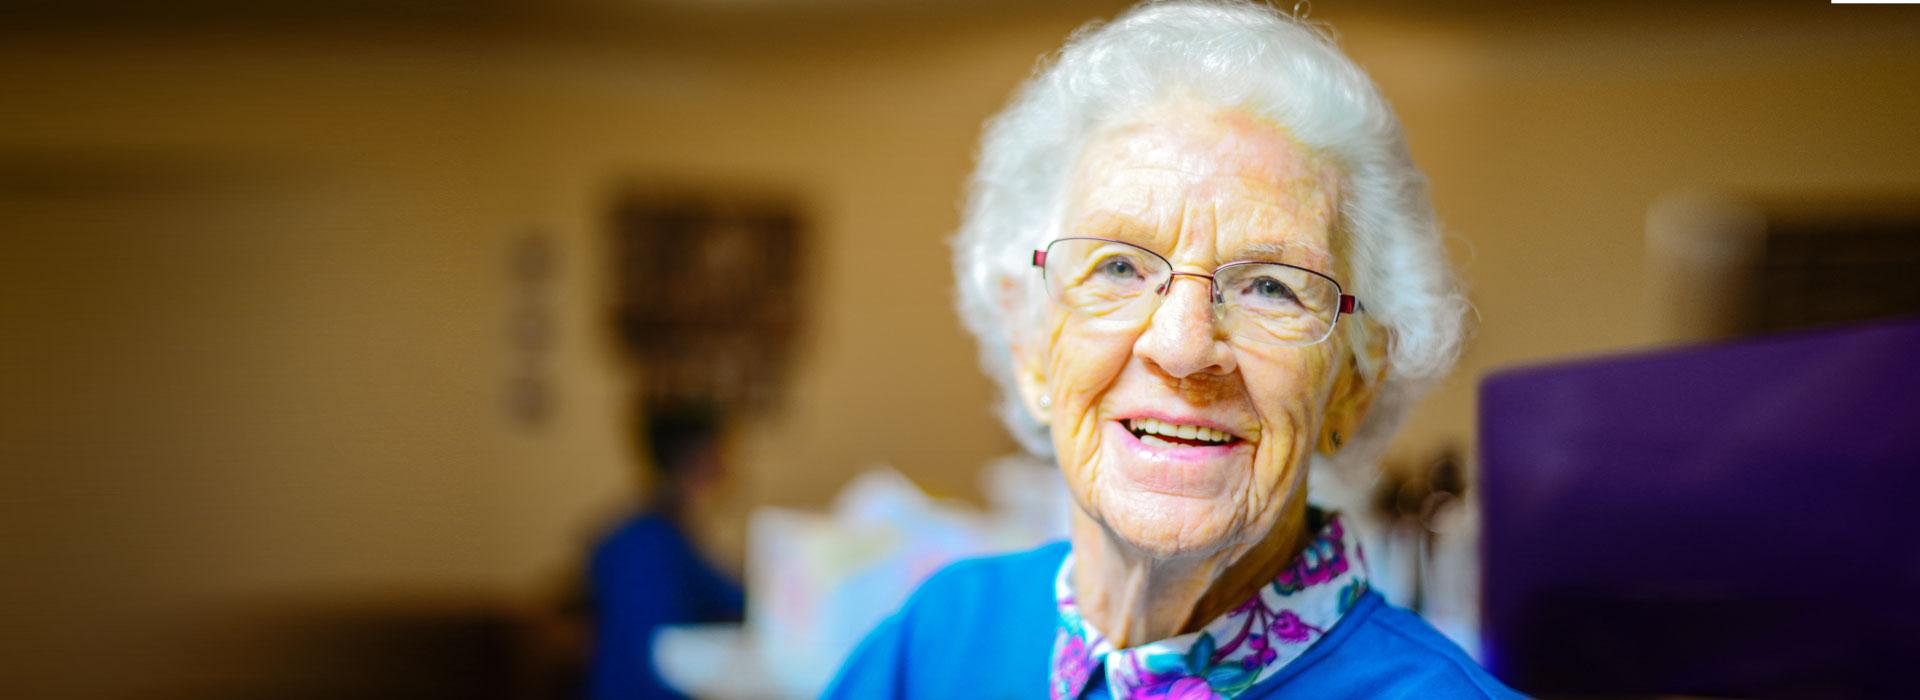 Glückliche Alte Frau in der Pflege